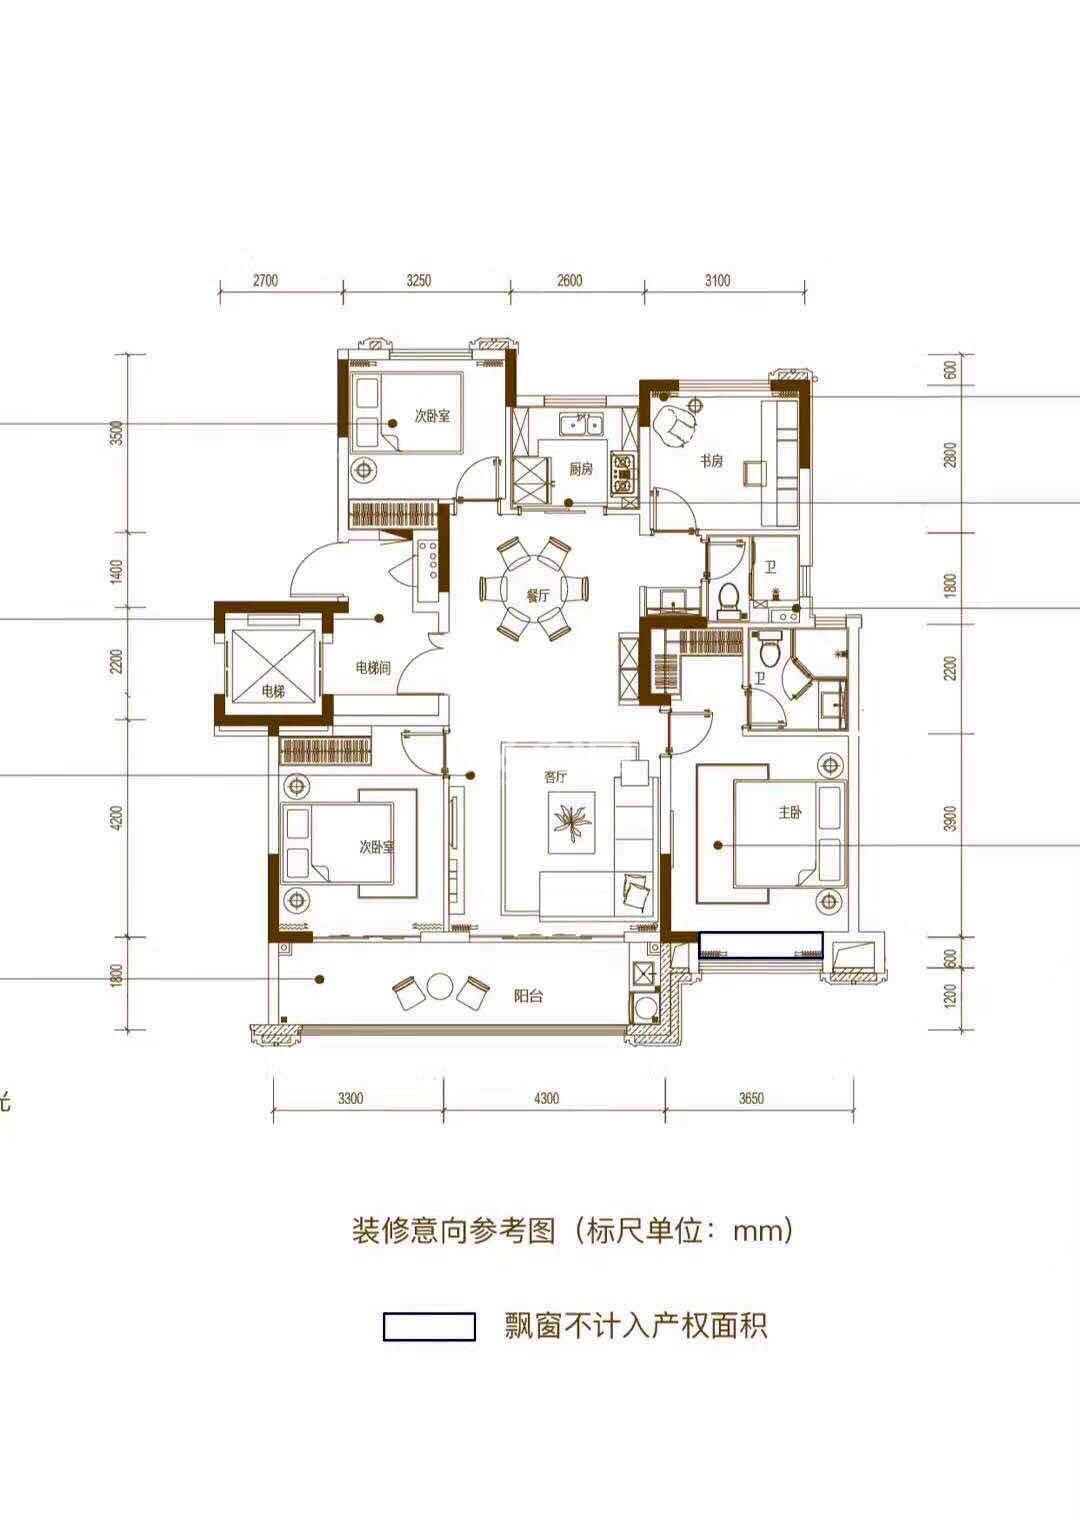 禹洲绿城蘭园洋房135㎡户型图